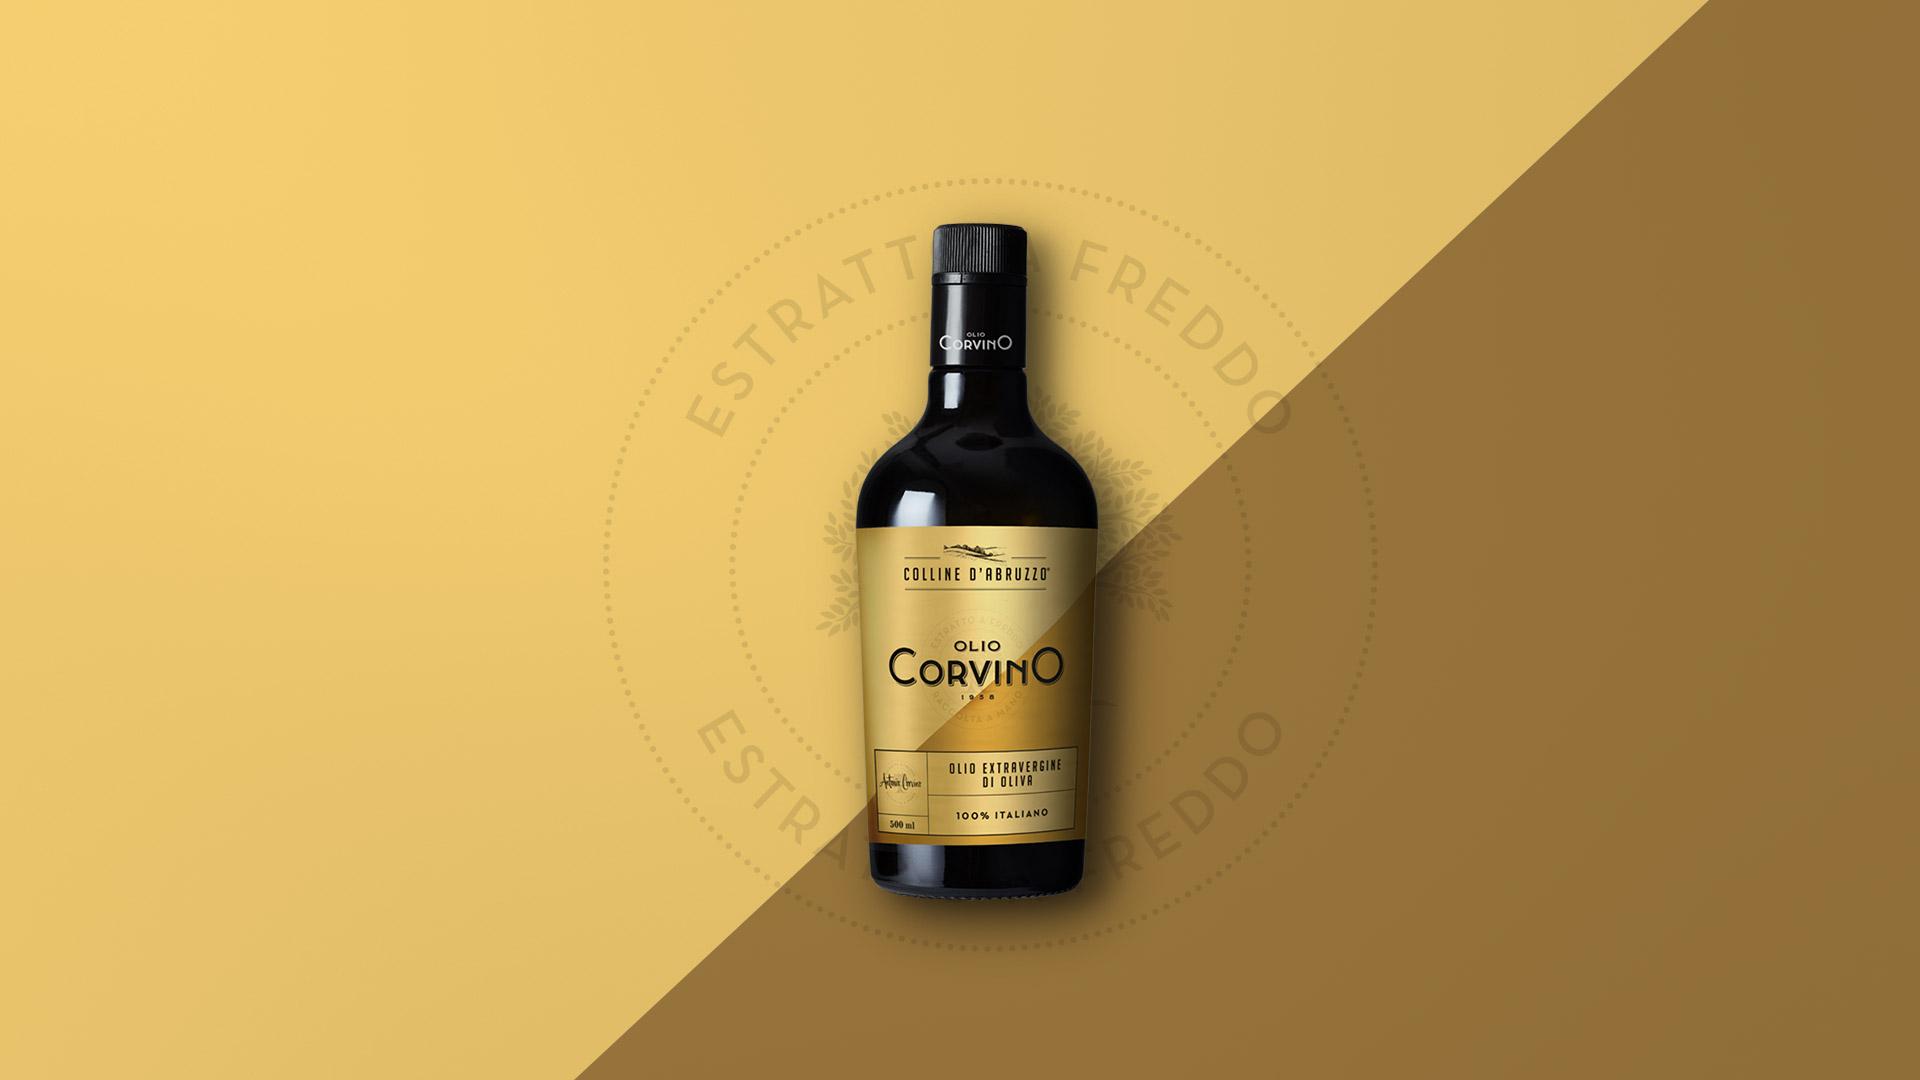 Olio Corvino - Colline d'Abruzzo - 100% italiano